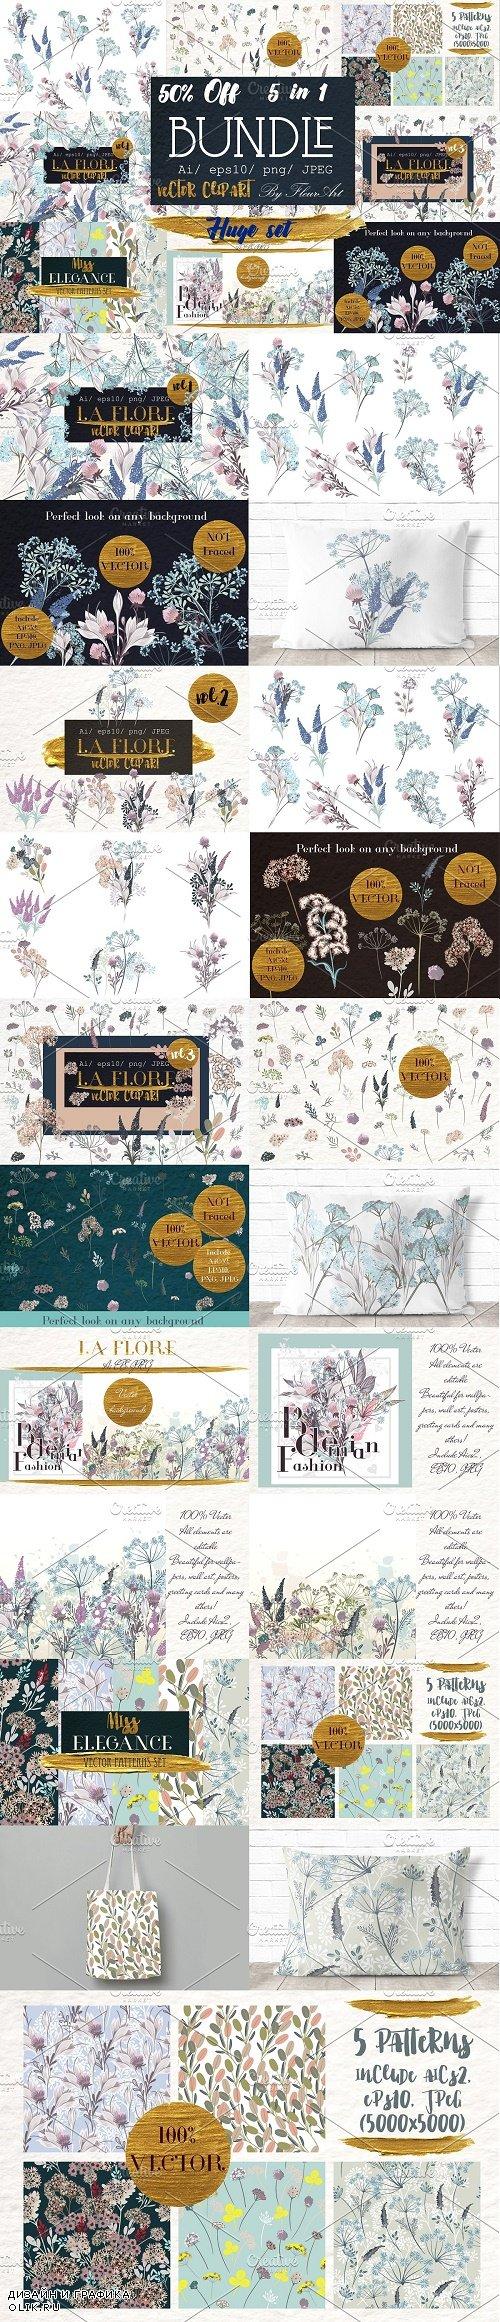 Flora Huge illustration bundle - 2988387